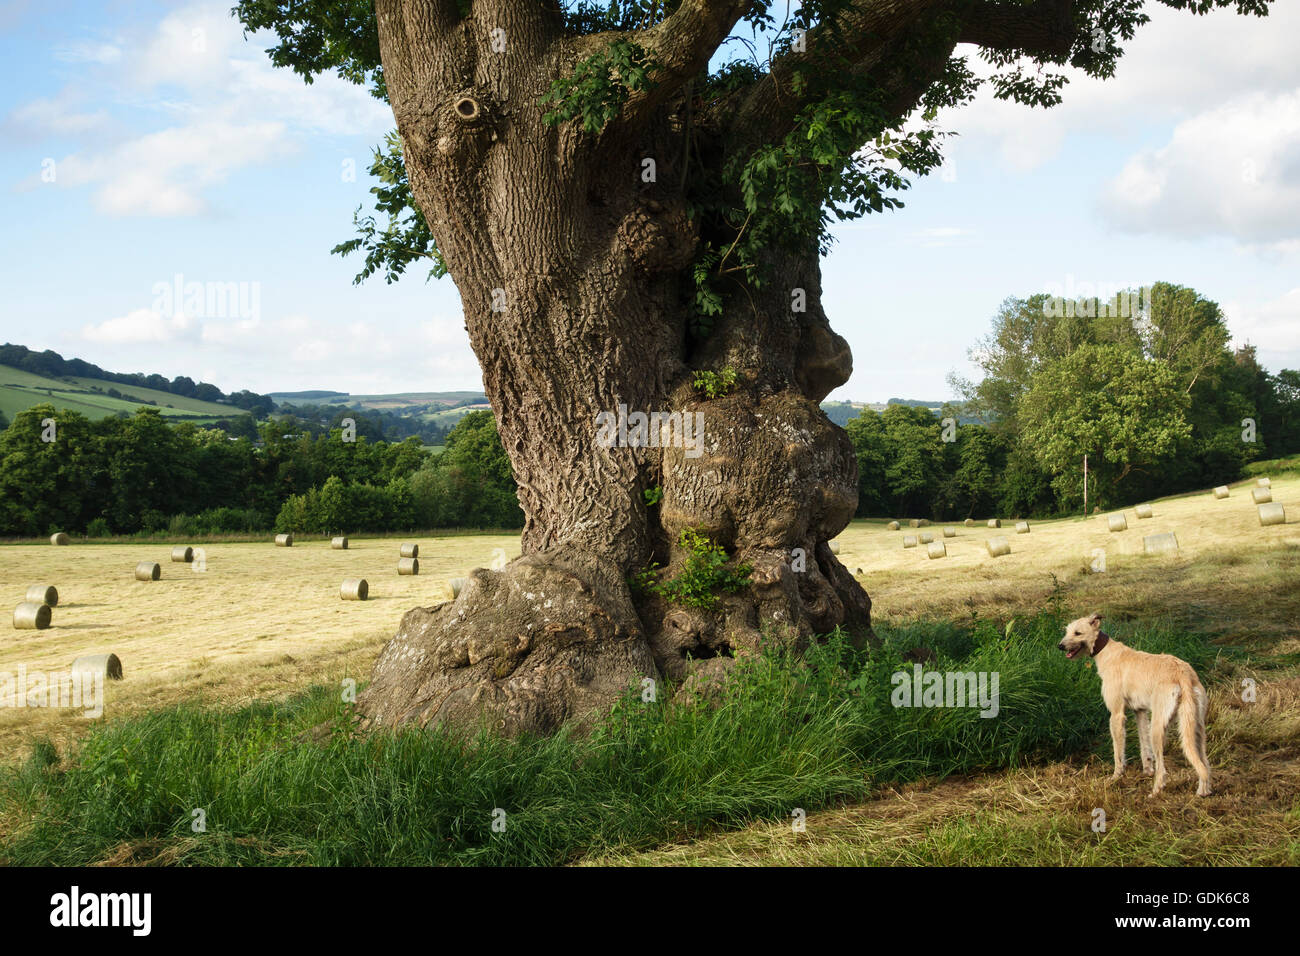 Herefordshire, UK. Un énorme vieux frêne (fraxinus) dans un champ de foin fauché récemment, Photo Stock